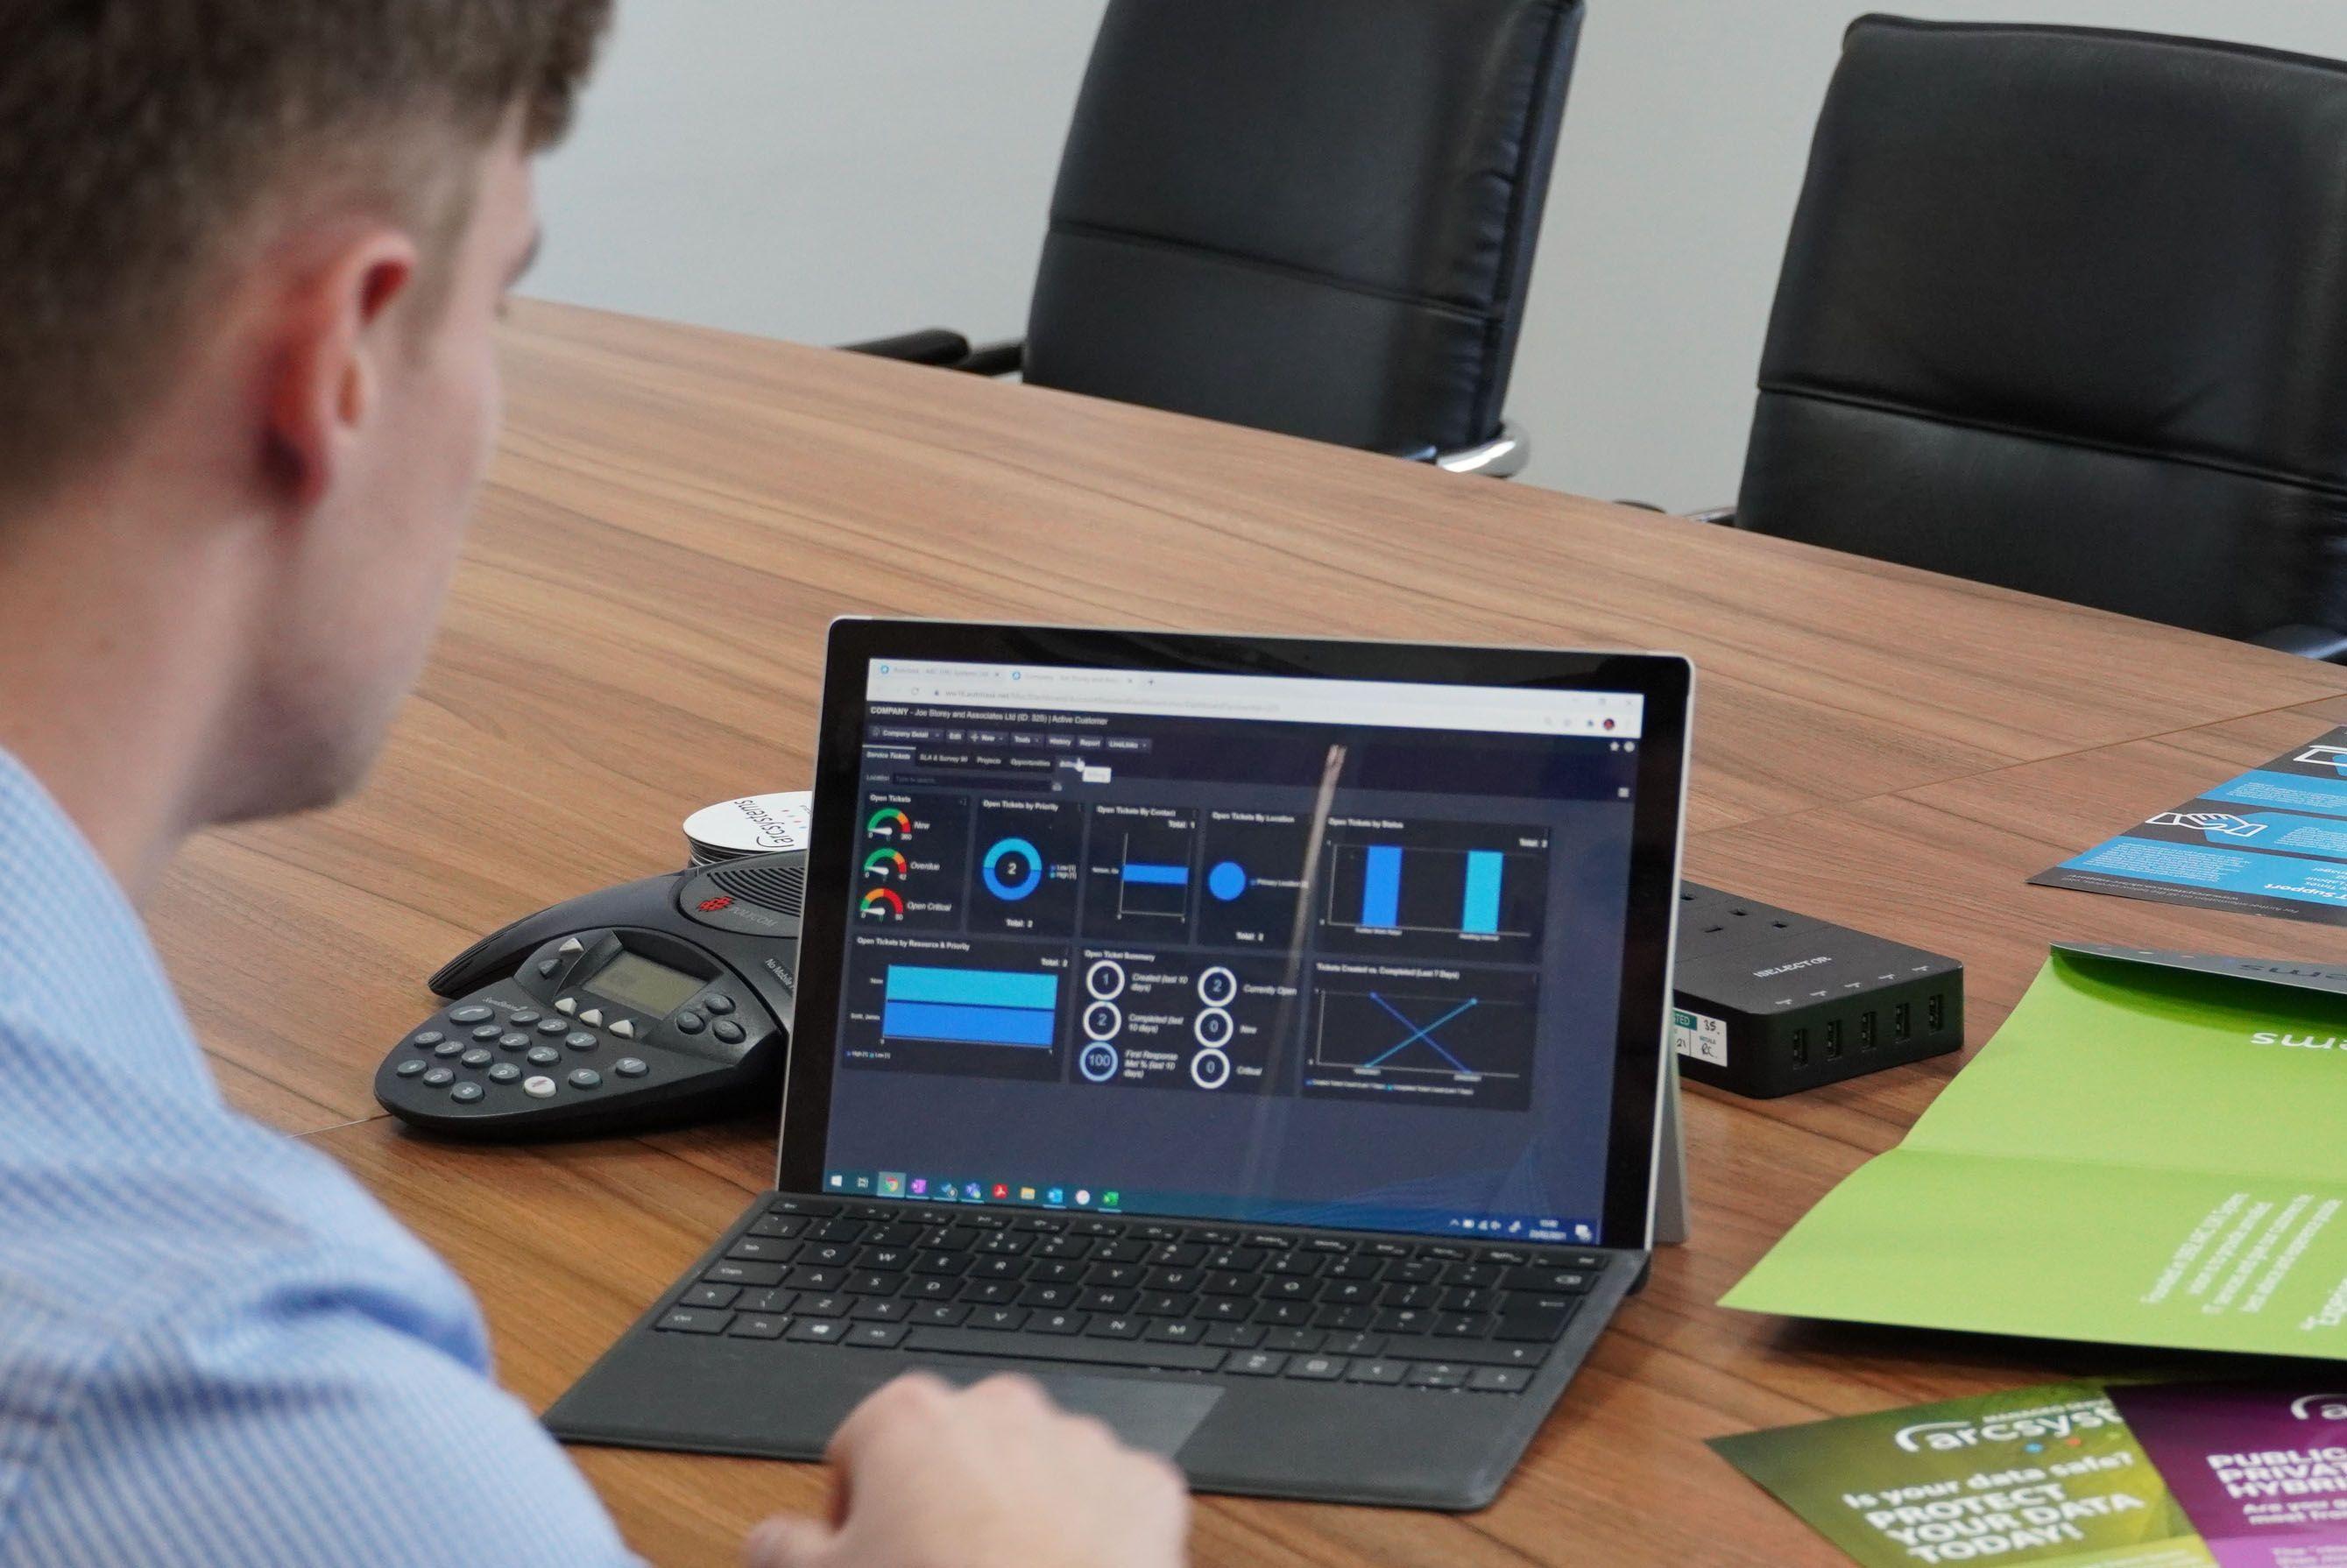 man at desk working on laptop displaying analytics data